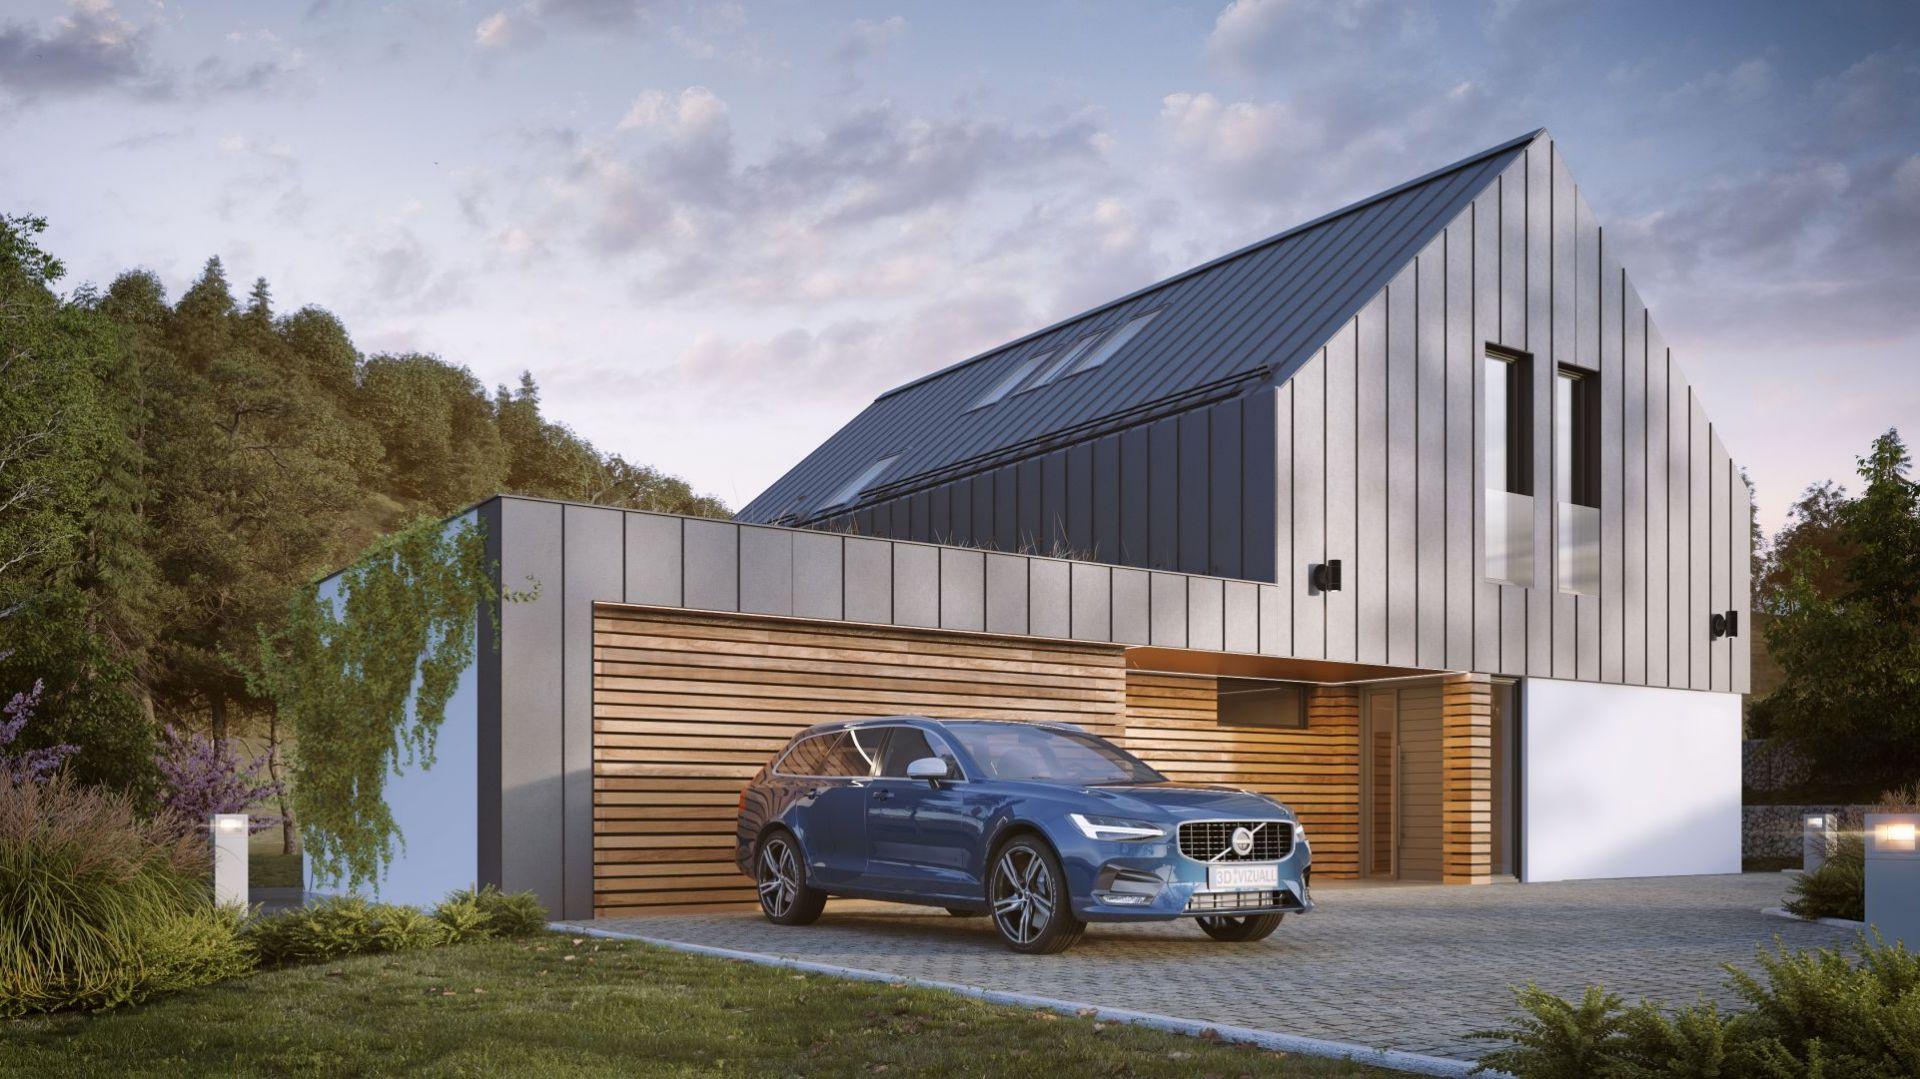 Dom 240 m2 piętrowy z garażem dwustanowiskowym. Fot. Multicomfort Saint Gobain Northouse